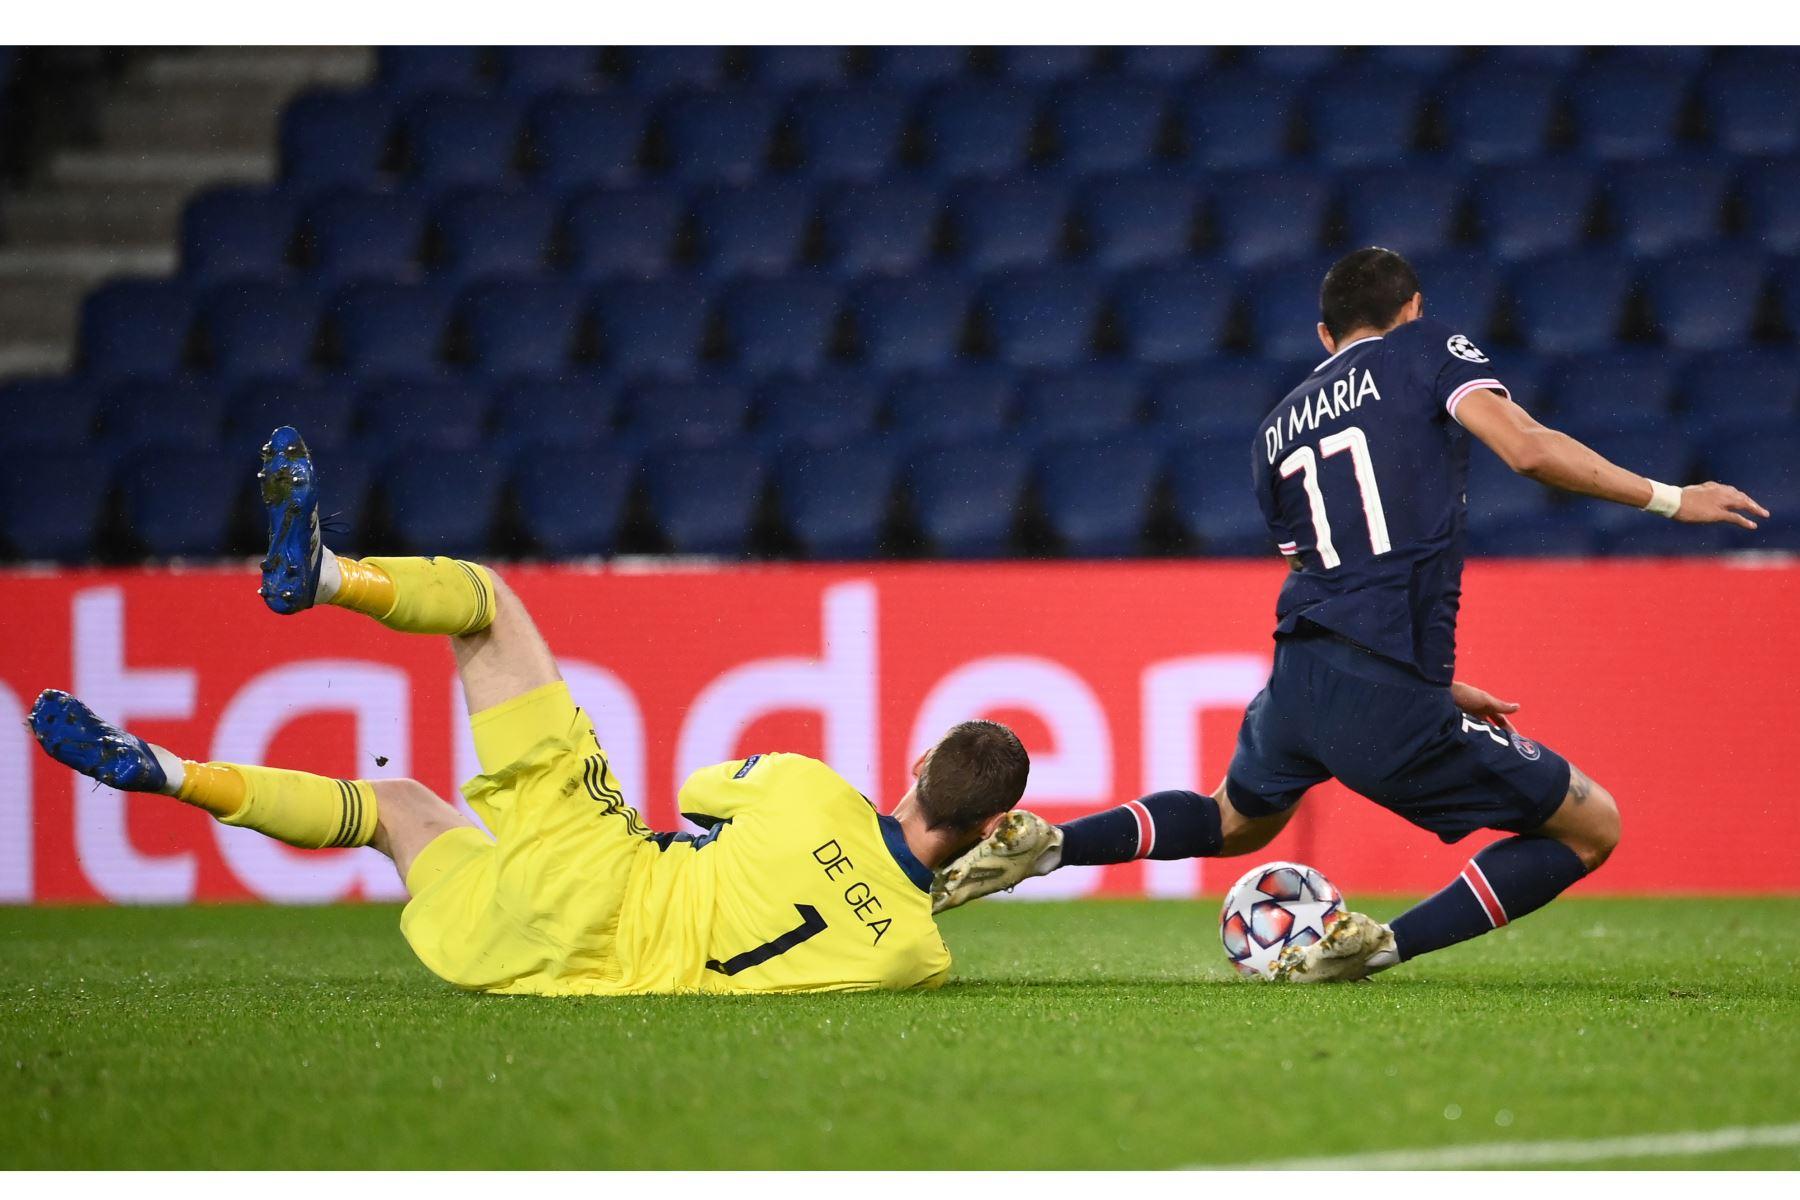 El centrocampista argentino del Paris Saint-Germain, Angel Di Maria, compite por el balón contra el portero español del Manchester United, David de Gea, durante el partido de ida del Grupo H de la Liga de Campeones de la UEFA. Foto: AFP